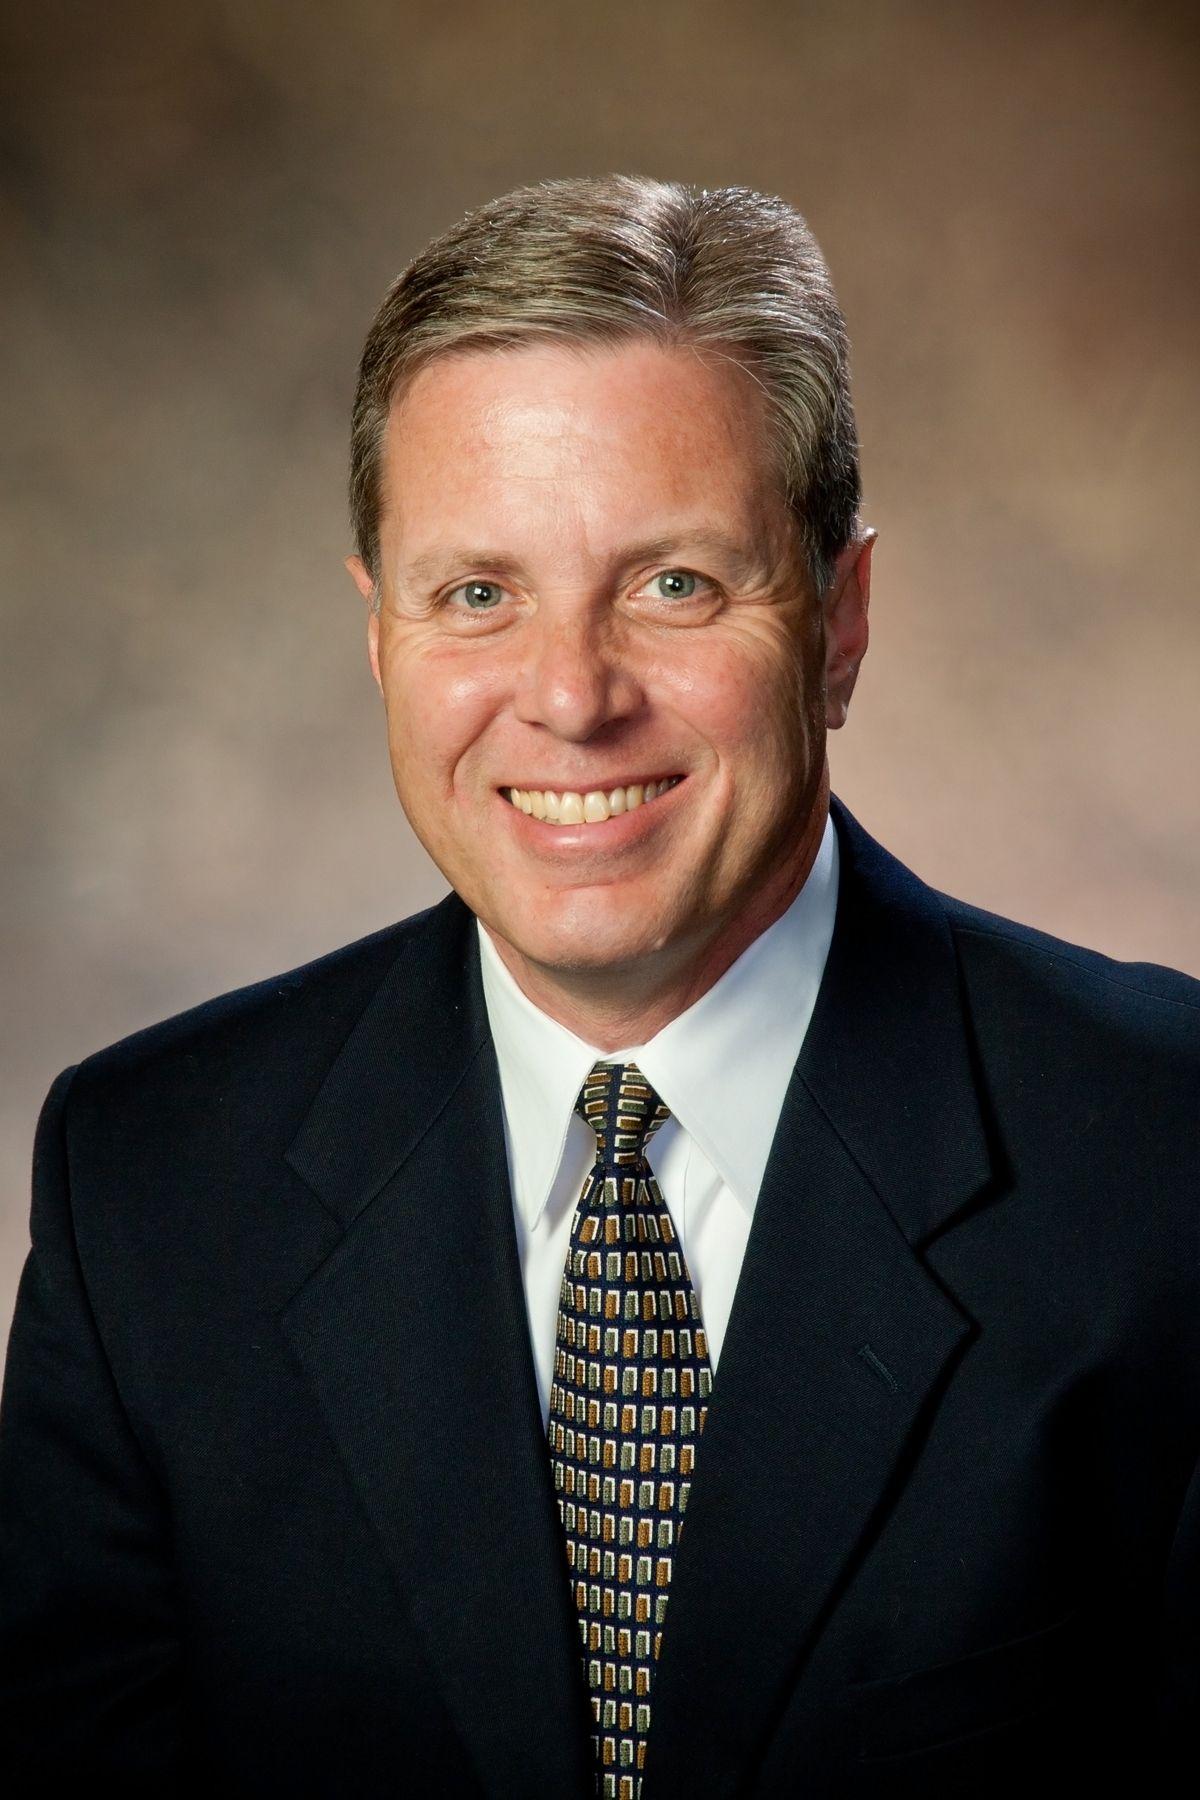 KelleyAmerit Fleet Services Adds Scott Mishoe as VP of Sales